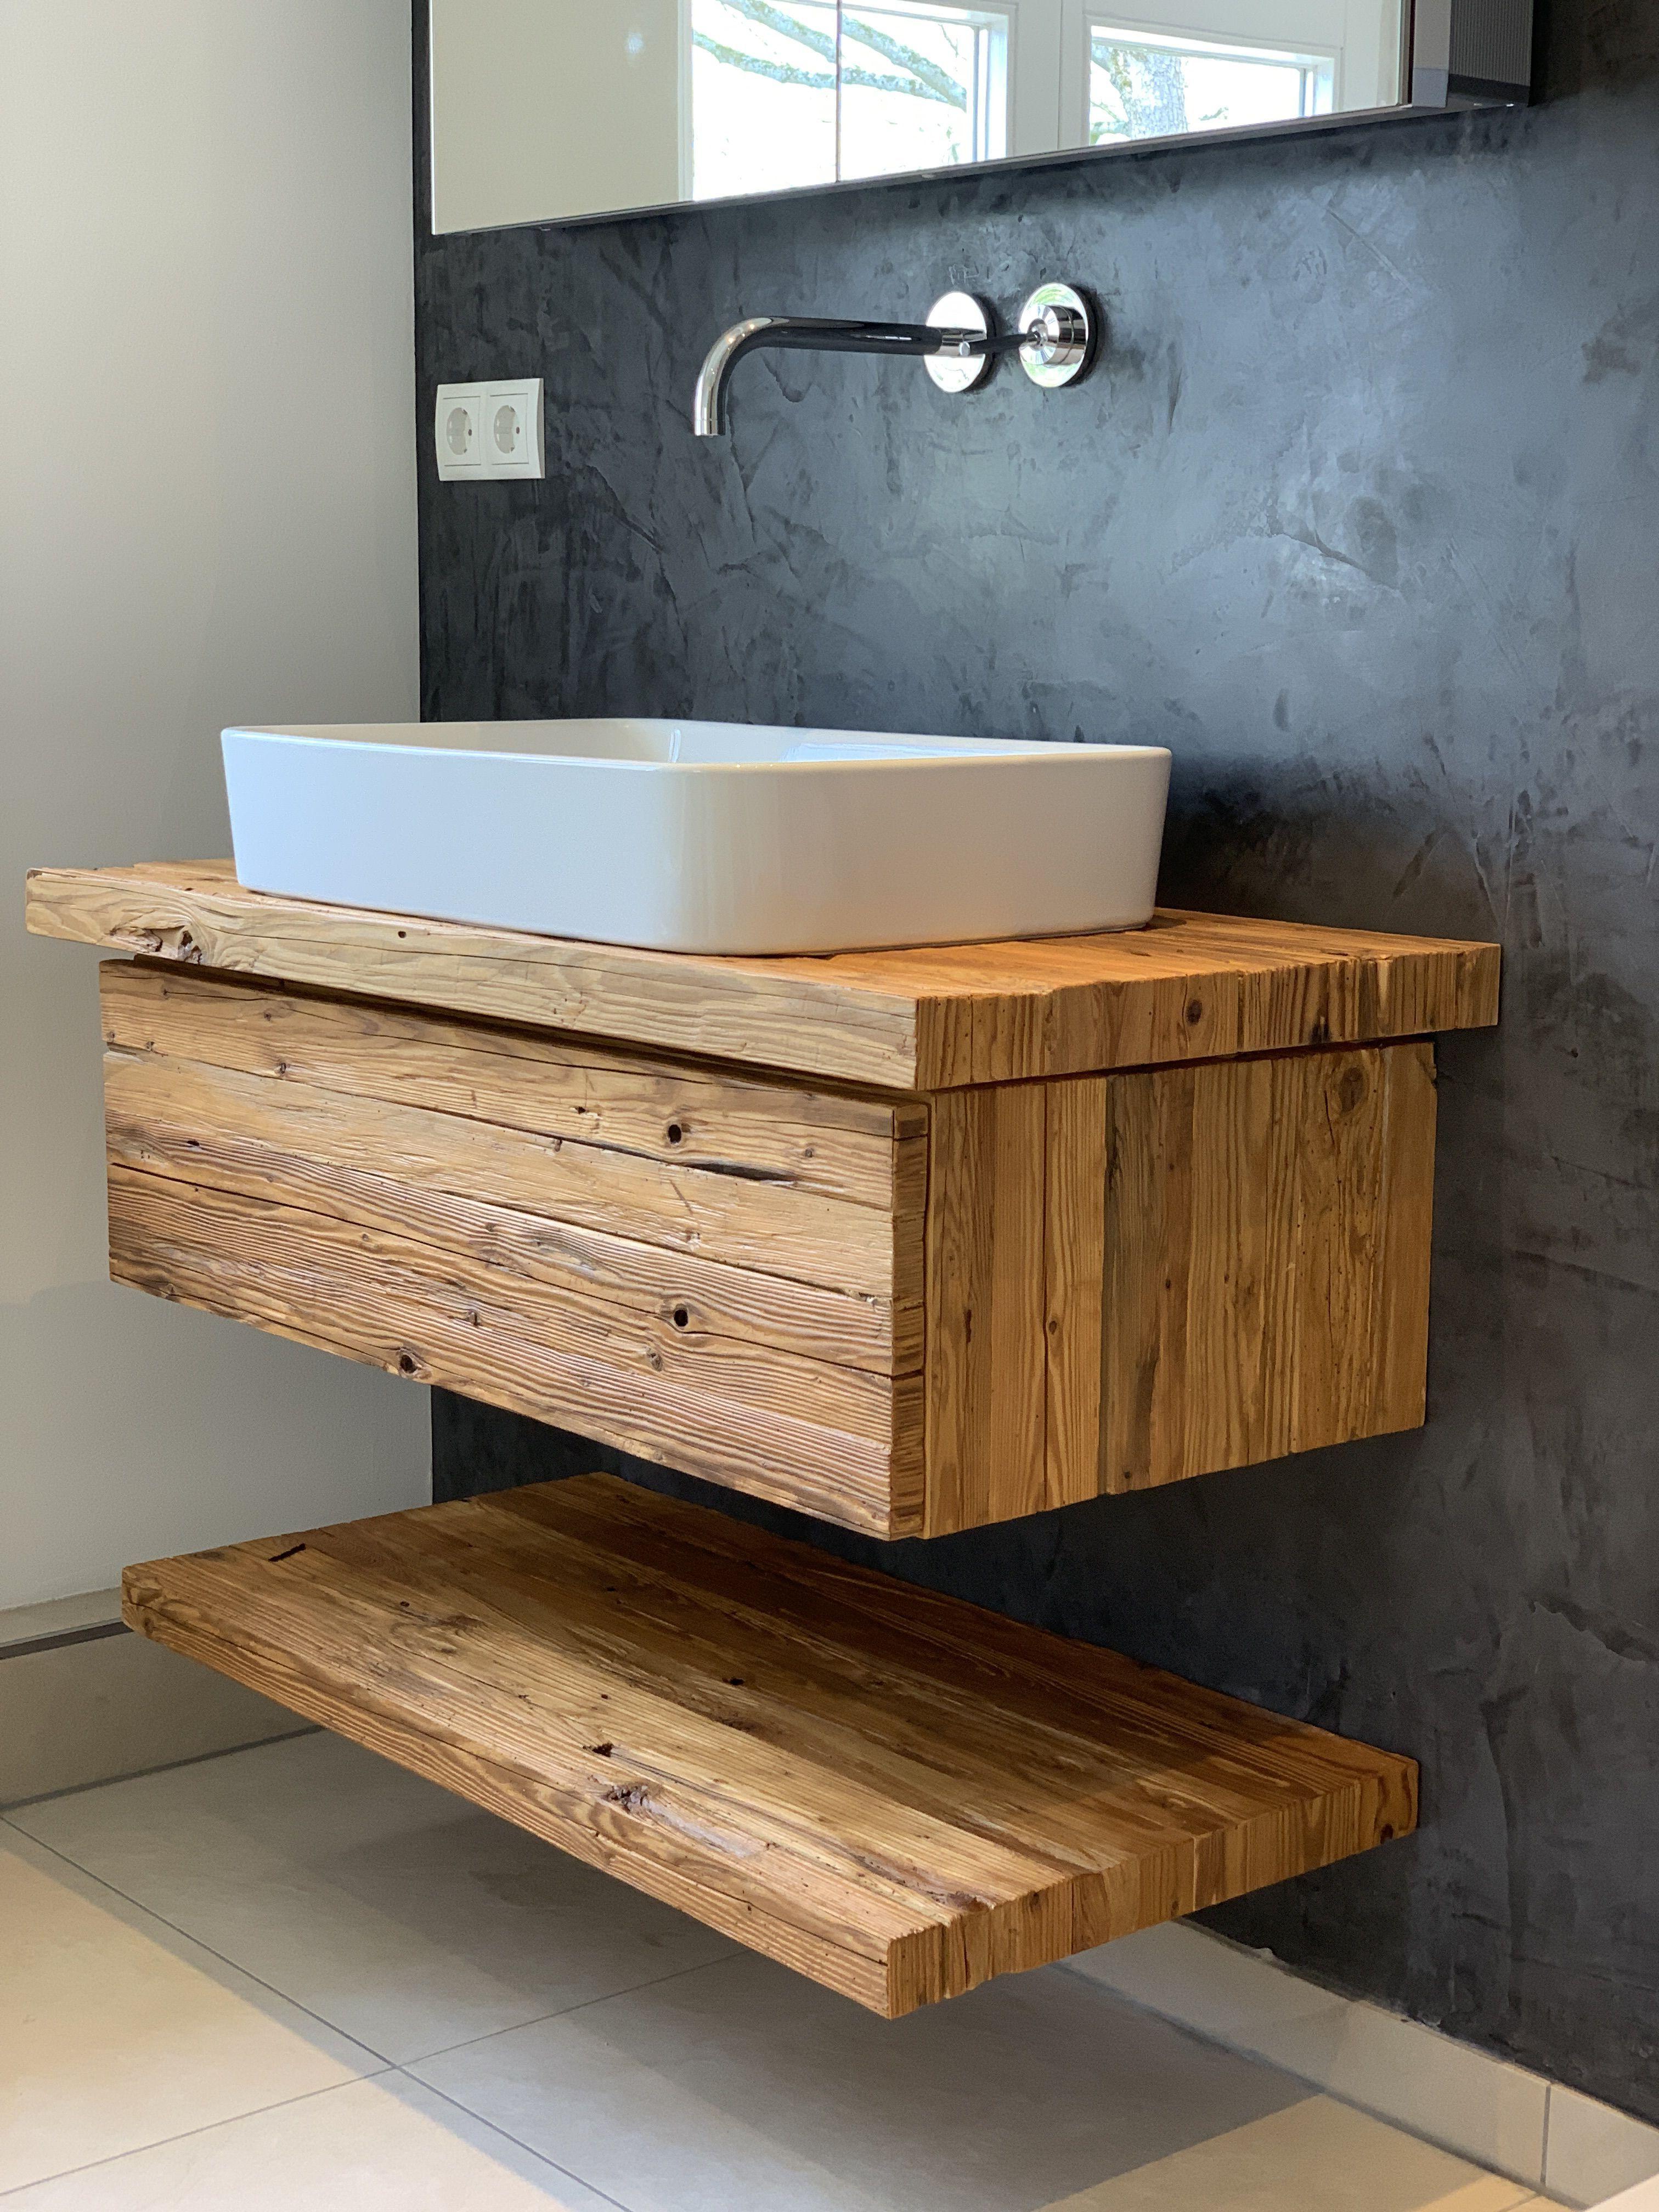 Waschtisch Altholz Waschtisch In Altholz Vom Schreiner Gefertigt Ruckwand Anthrazit Es Ist Einfacher Als Sie D In 2020 Altholz Waschtisch Waschtisch Holz Waschtisch